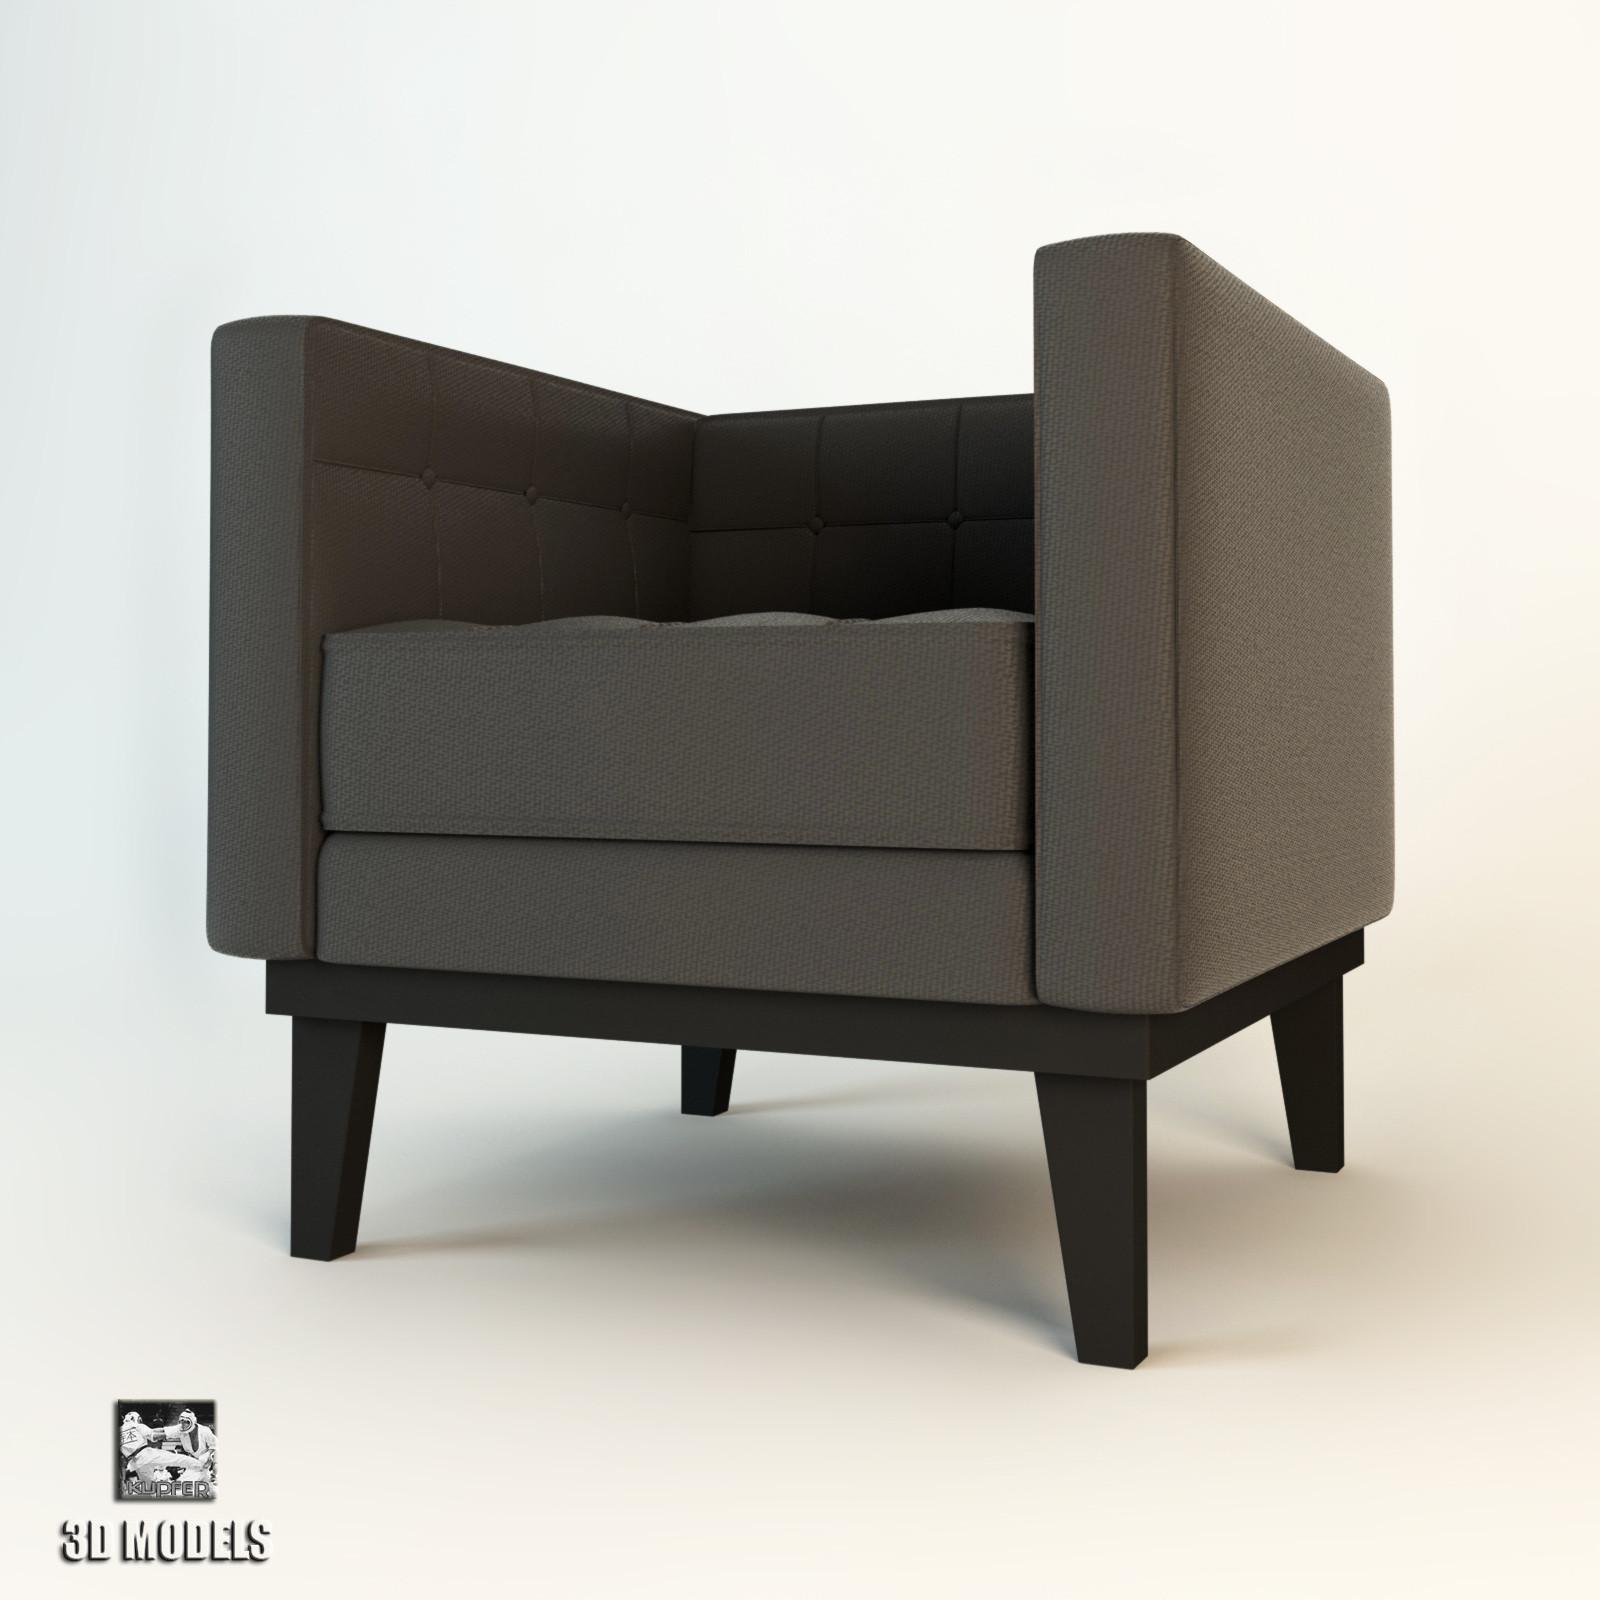 Chair corbusier1.jpg